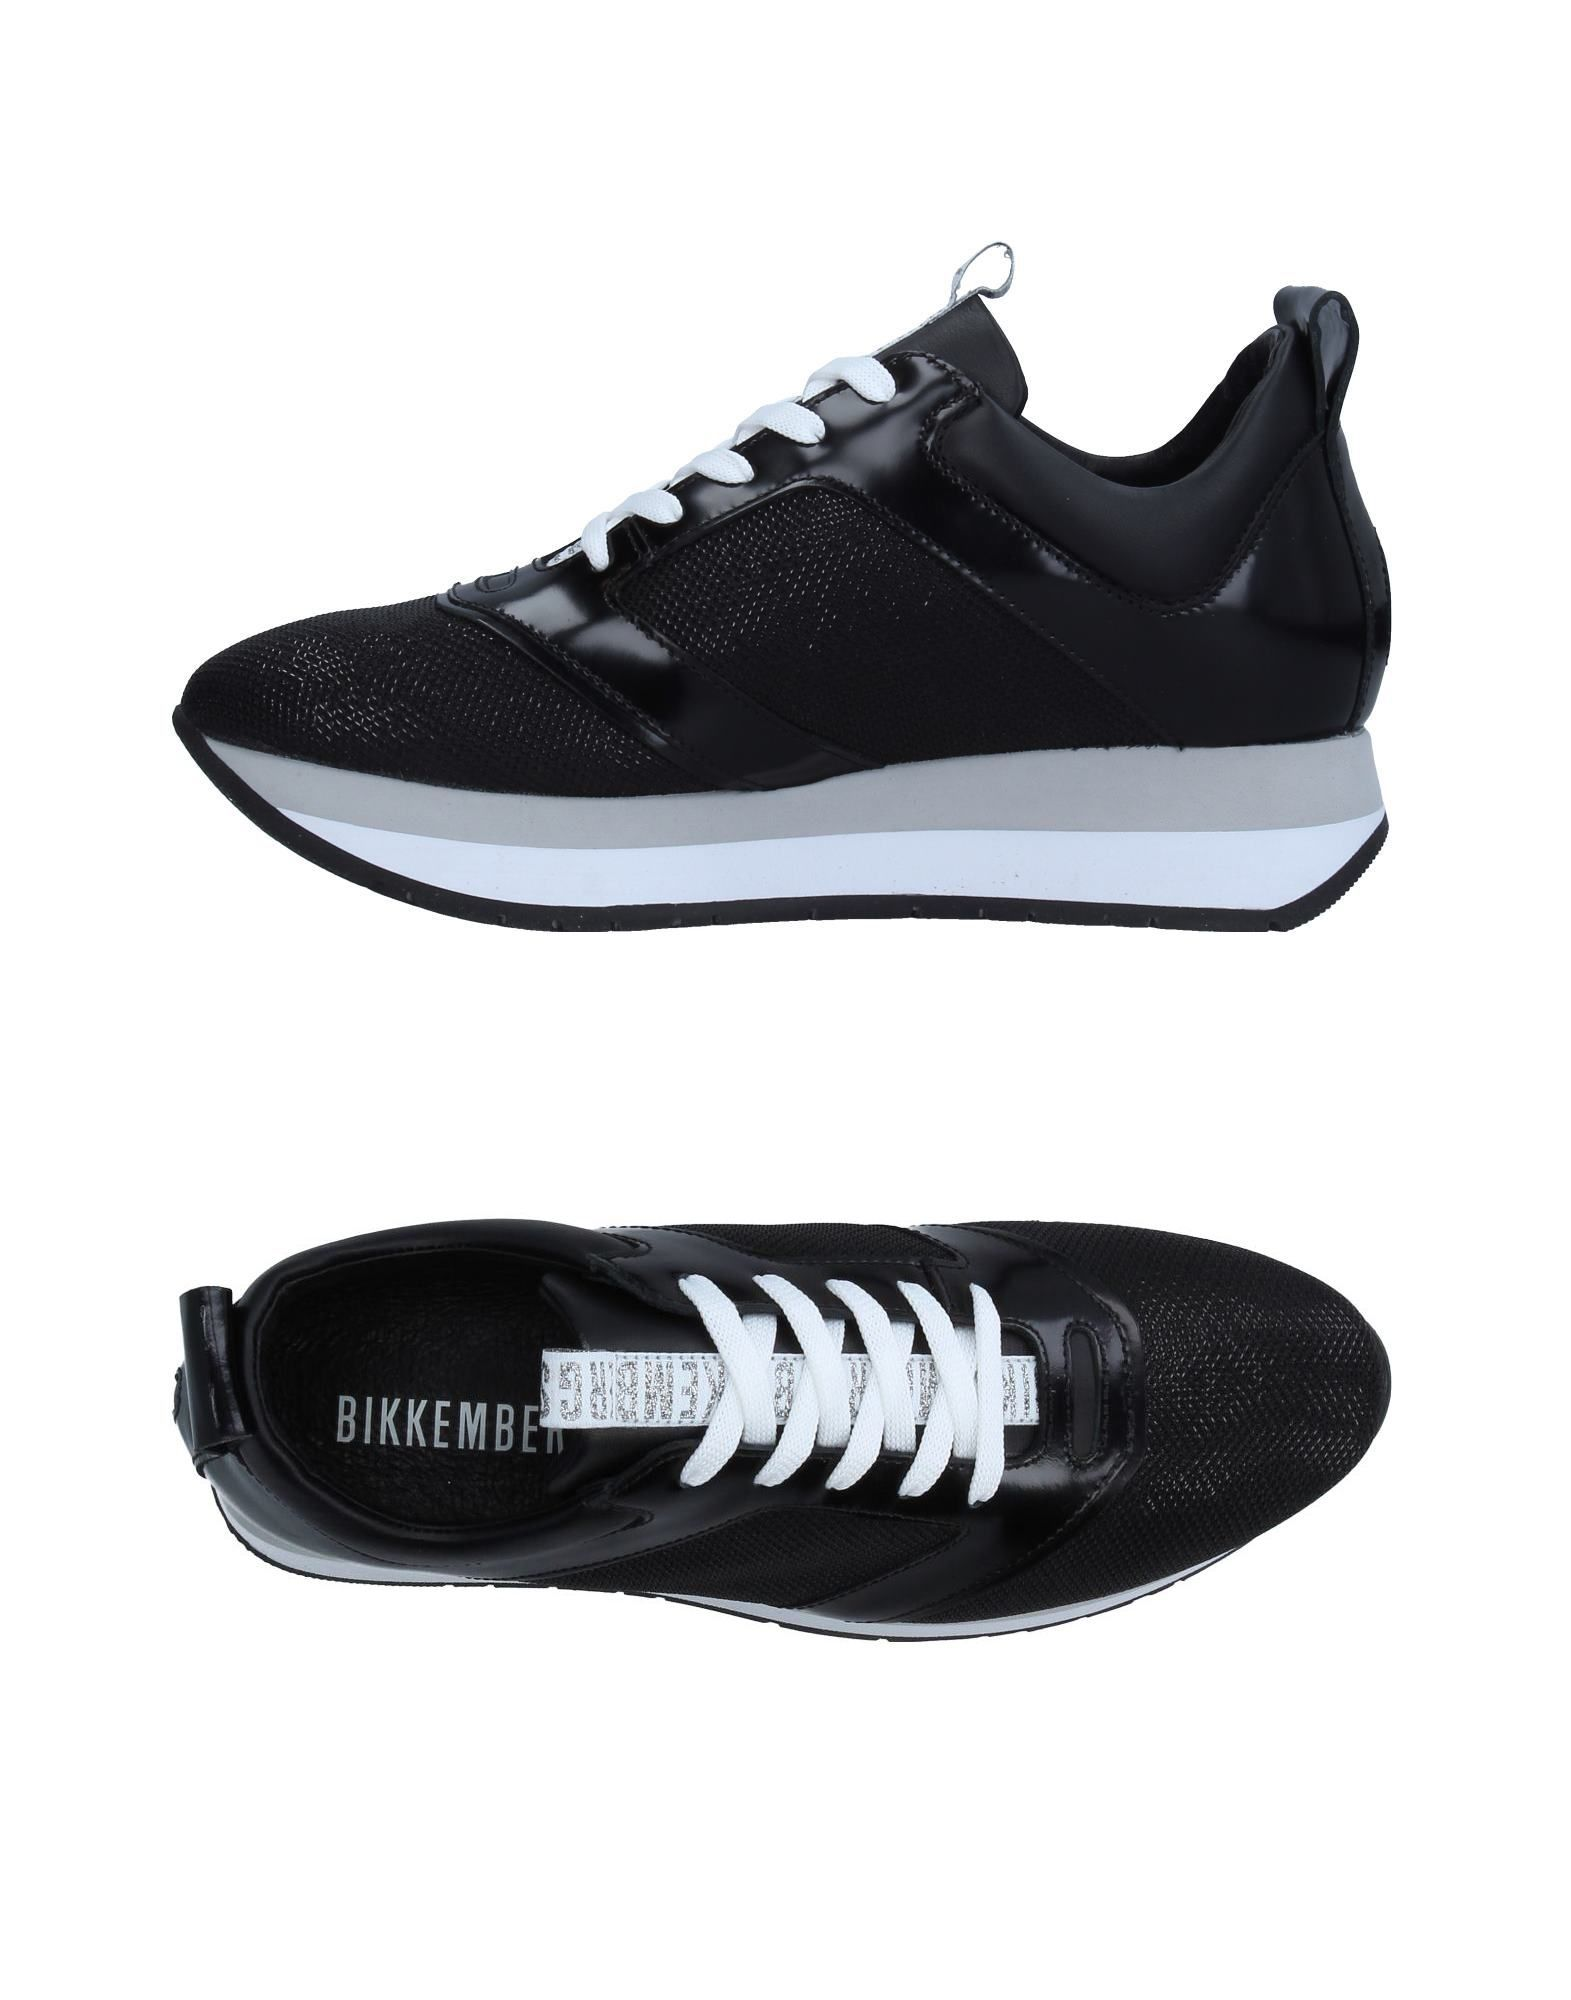 Zapatillas Bikkembergs Mujer - Zapatillas Bikkembergs  Negro Negro  b5a1a5